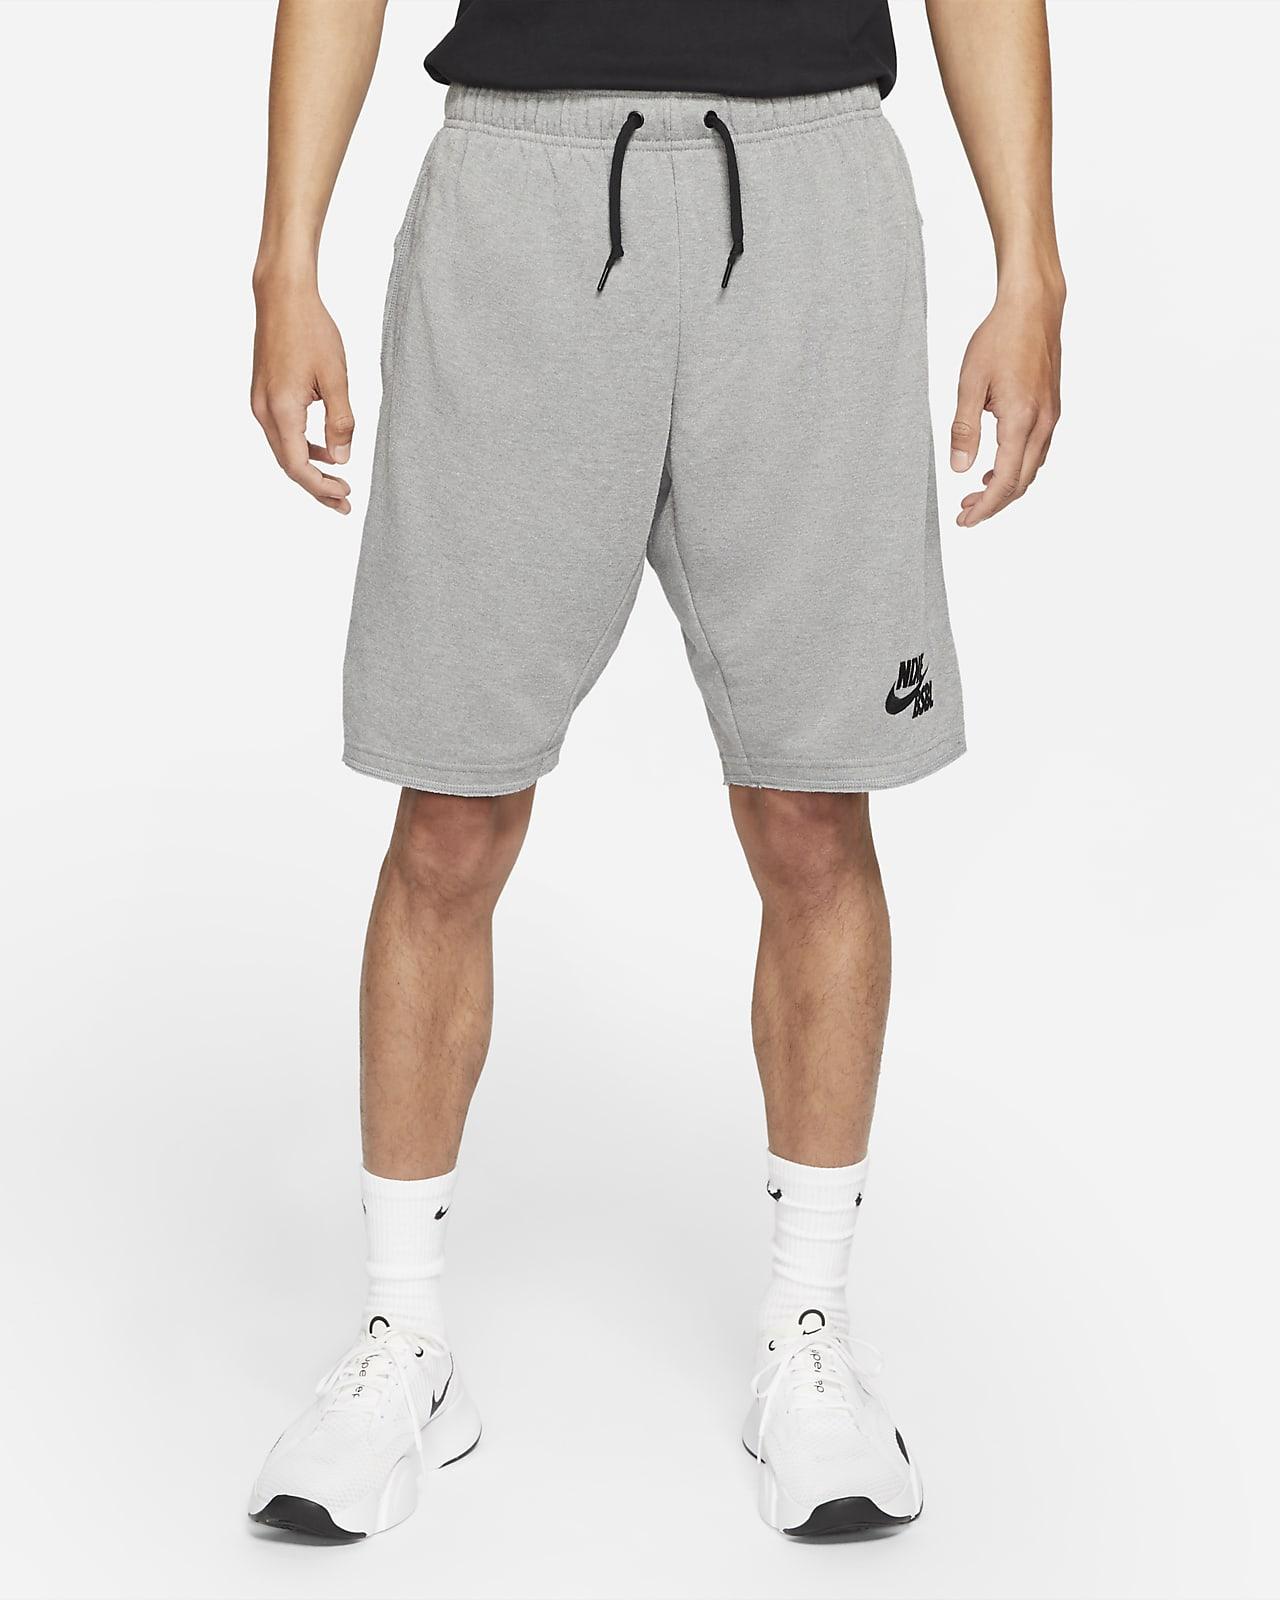 Nike Dri-FIT Flux Men's Baseball Shorts